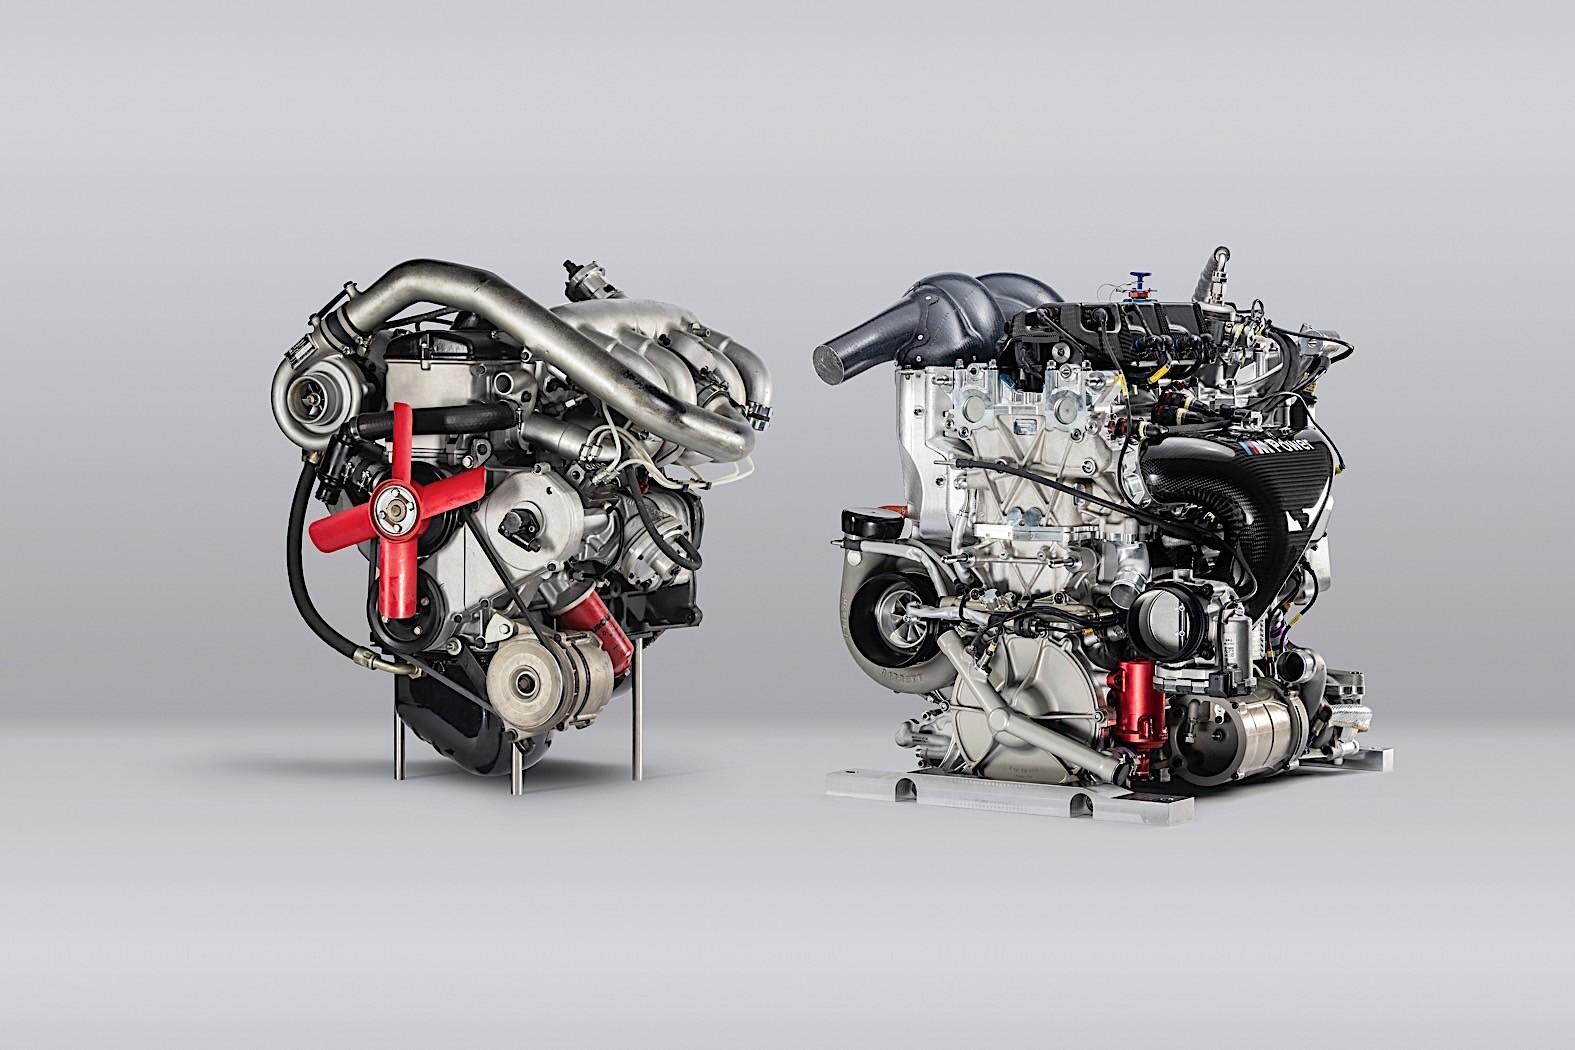 Атмосферный двигатель. описание, технические характеристики